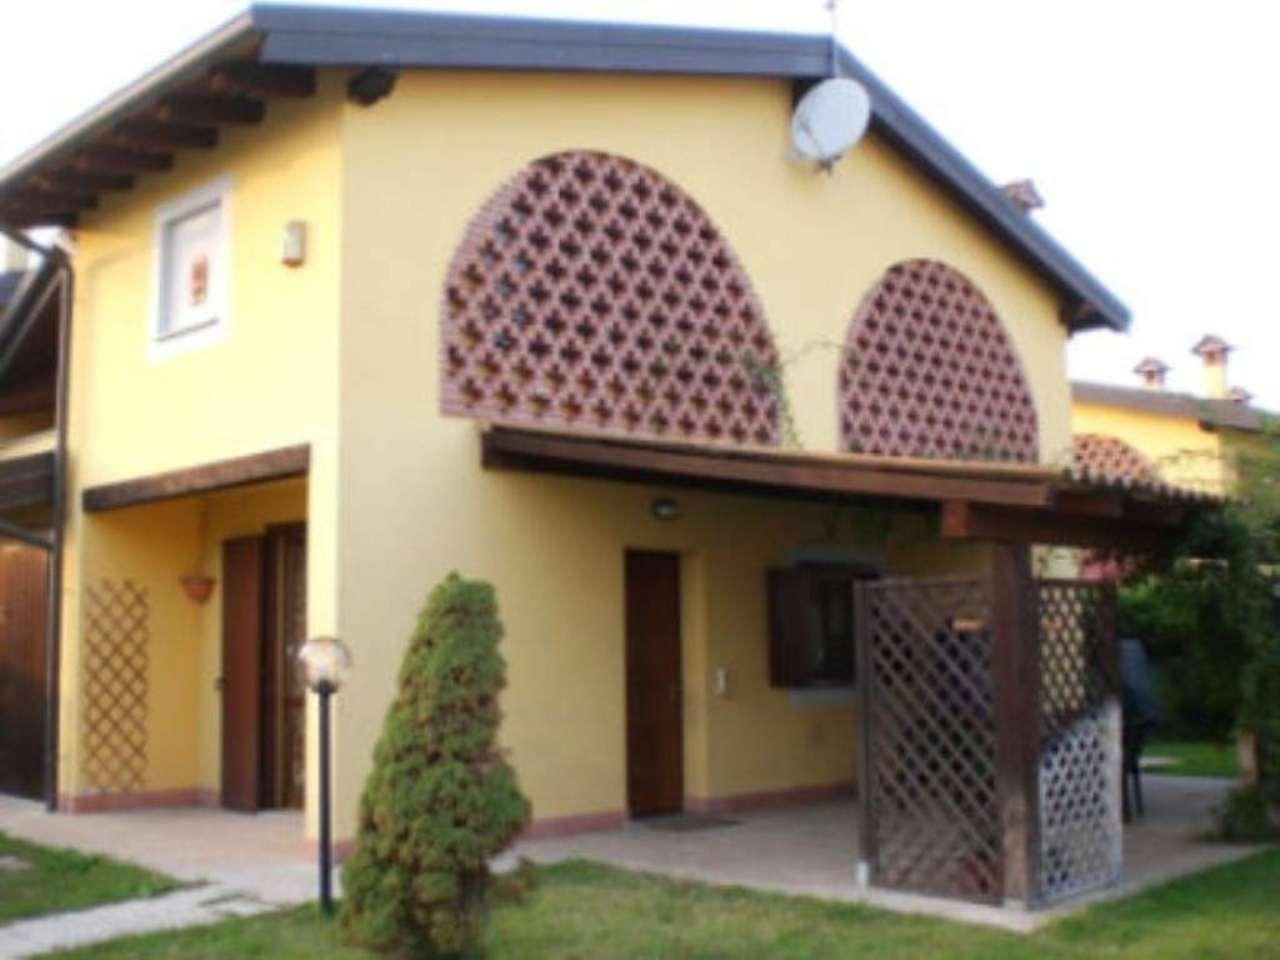 Villa Bifamiliare in vendita a Garlasco, 4 locali, prezzo € 150.000 | Cambio Casa.it